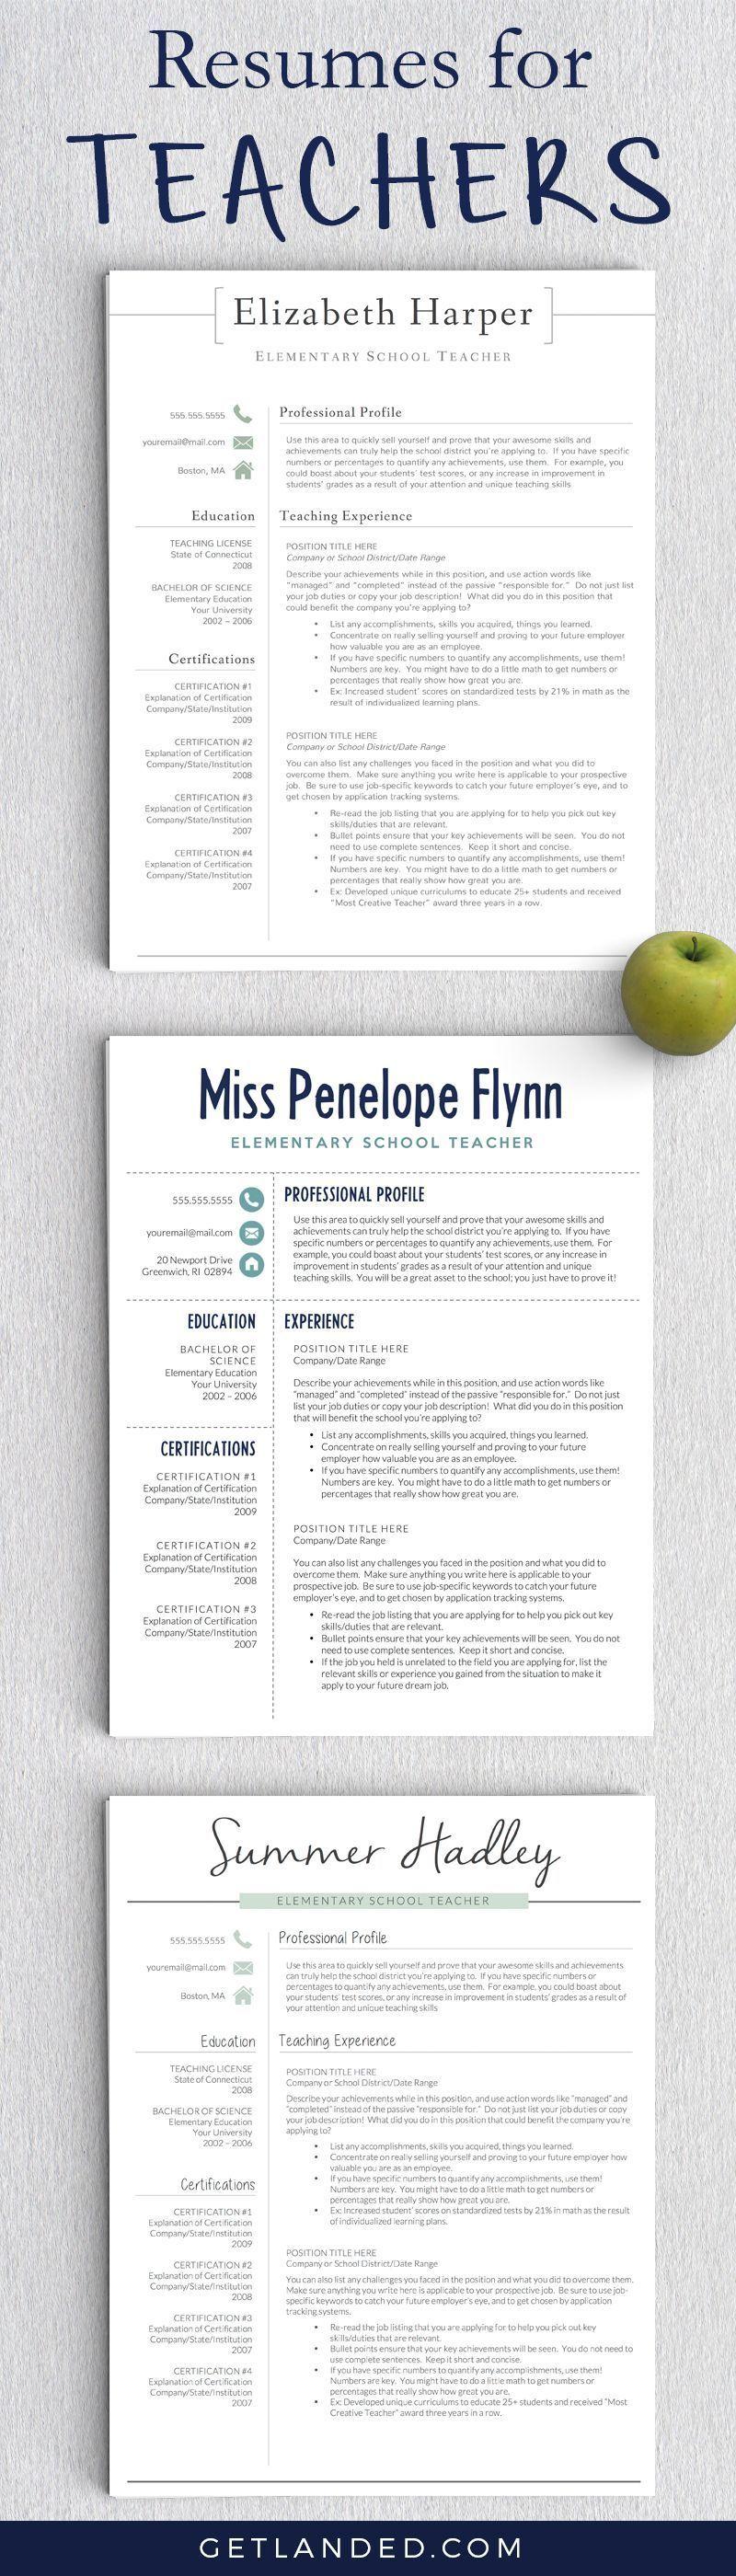 Resumes Designed For Teachers And Educators Teacher Resume Teacher Resume Tips Educator Resume Leaders Teacher Resume Education Resume Teaching Portfolio